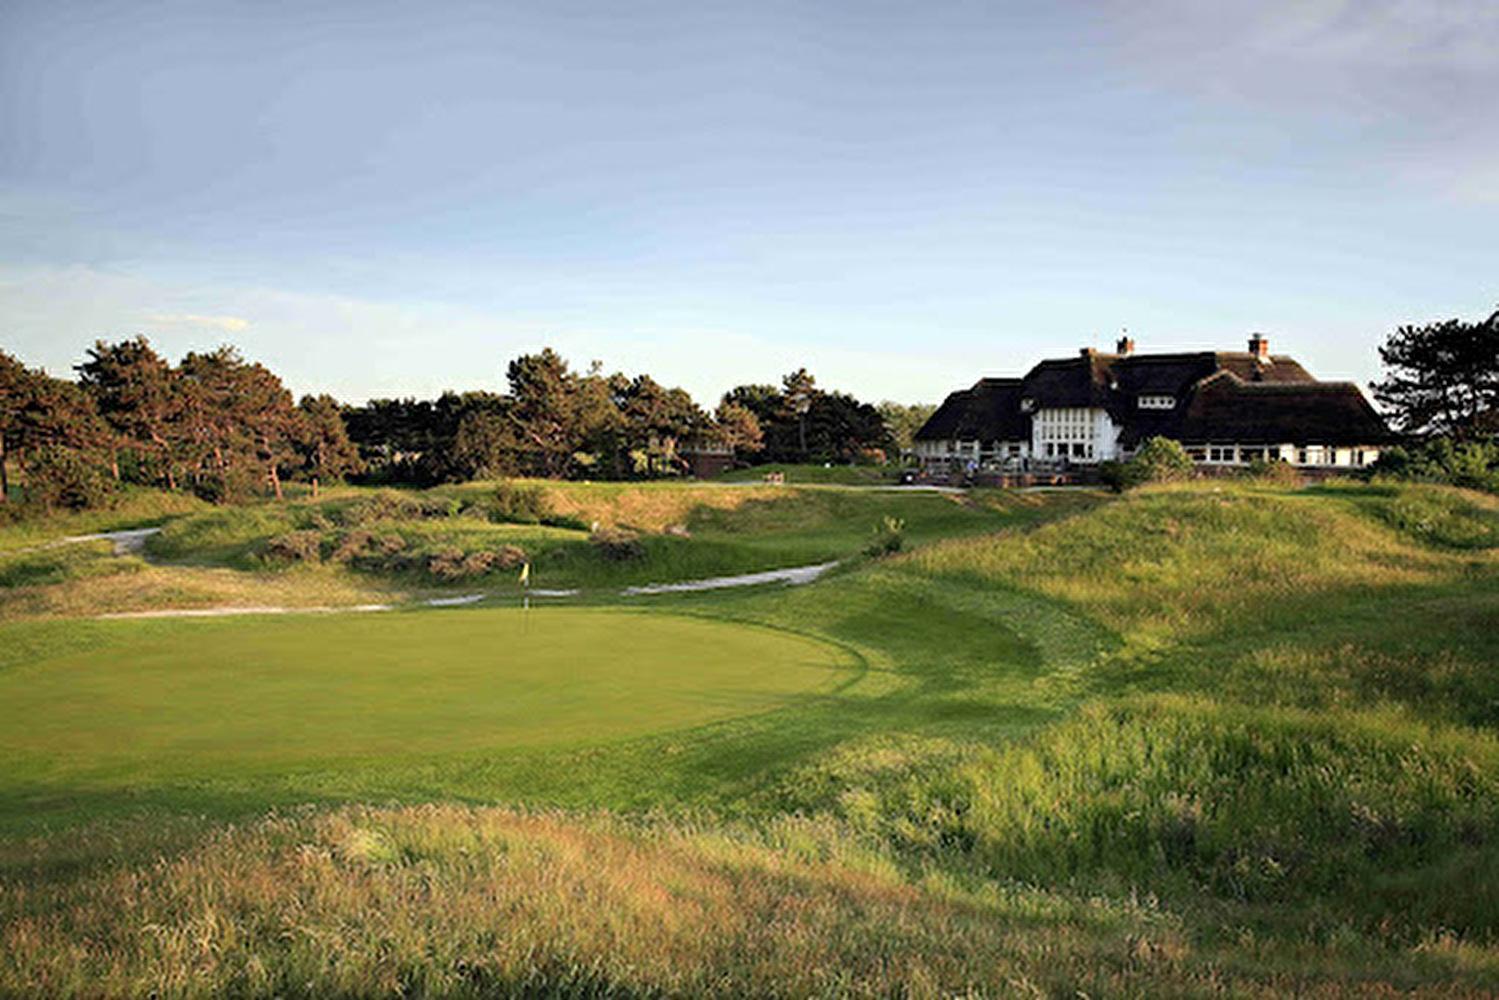 Kennemer Golfclub Golf Golfen Golfbanen Haarlem Heemstede Zandvoort Bloemendaal Aerdenhout Overveen